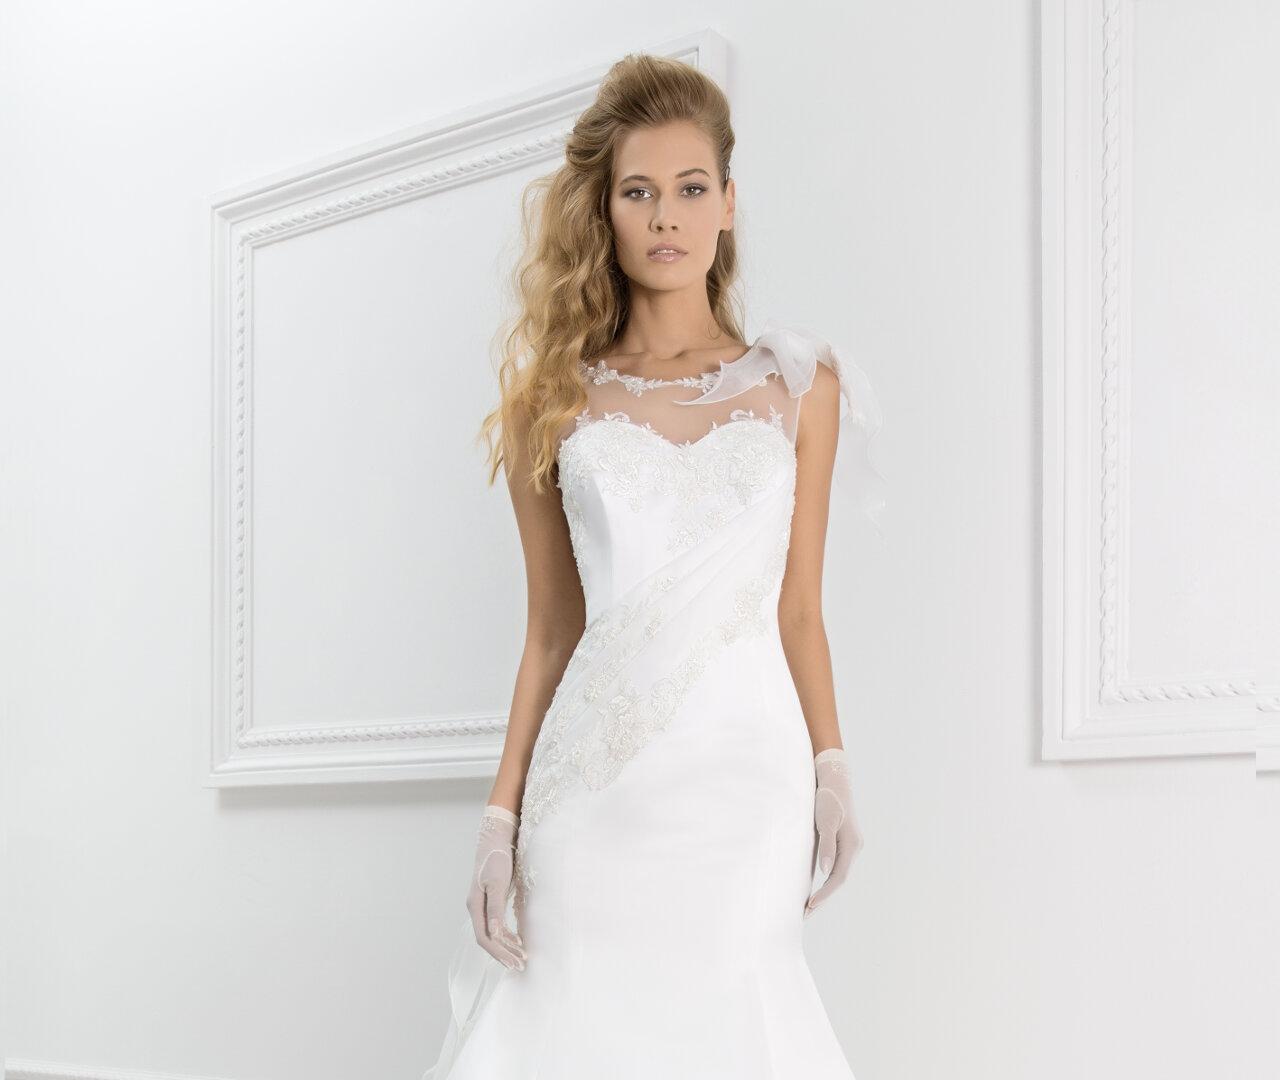 f41dd2f680b3 Abiti Da Sposa E Vestiti According to Cerimonia Eleganti E Raffinati